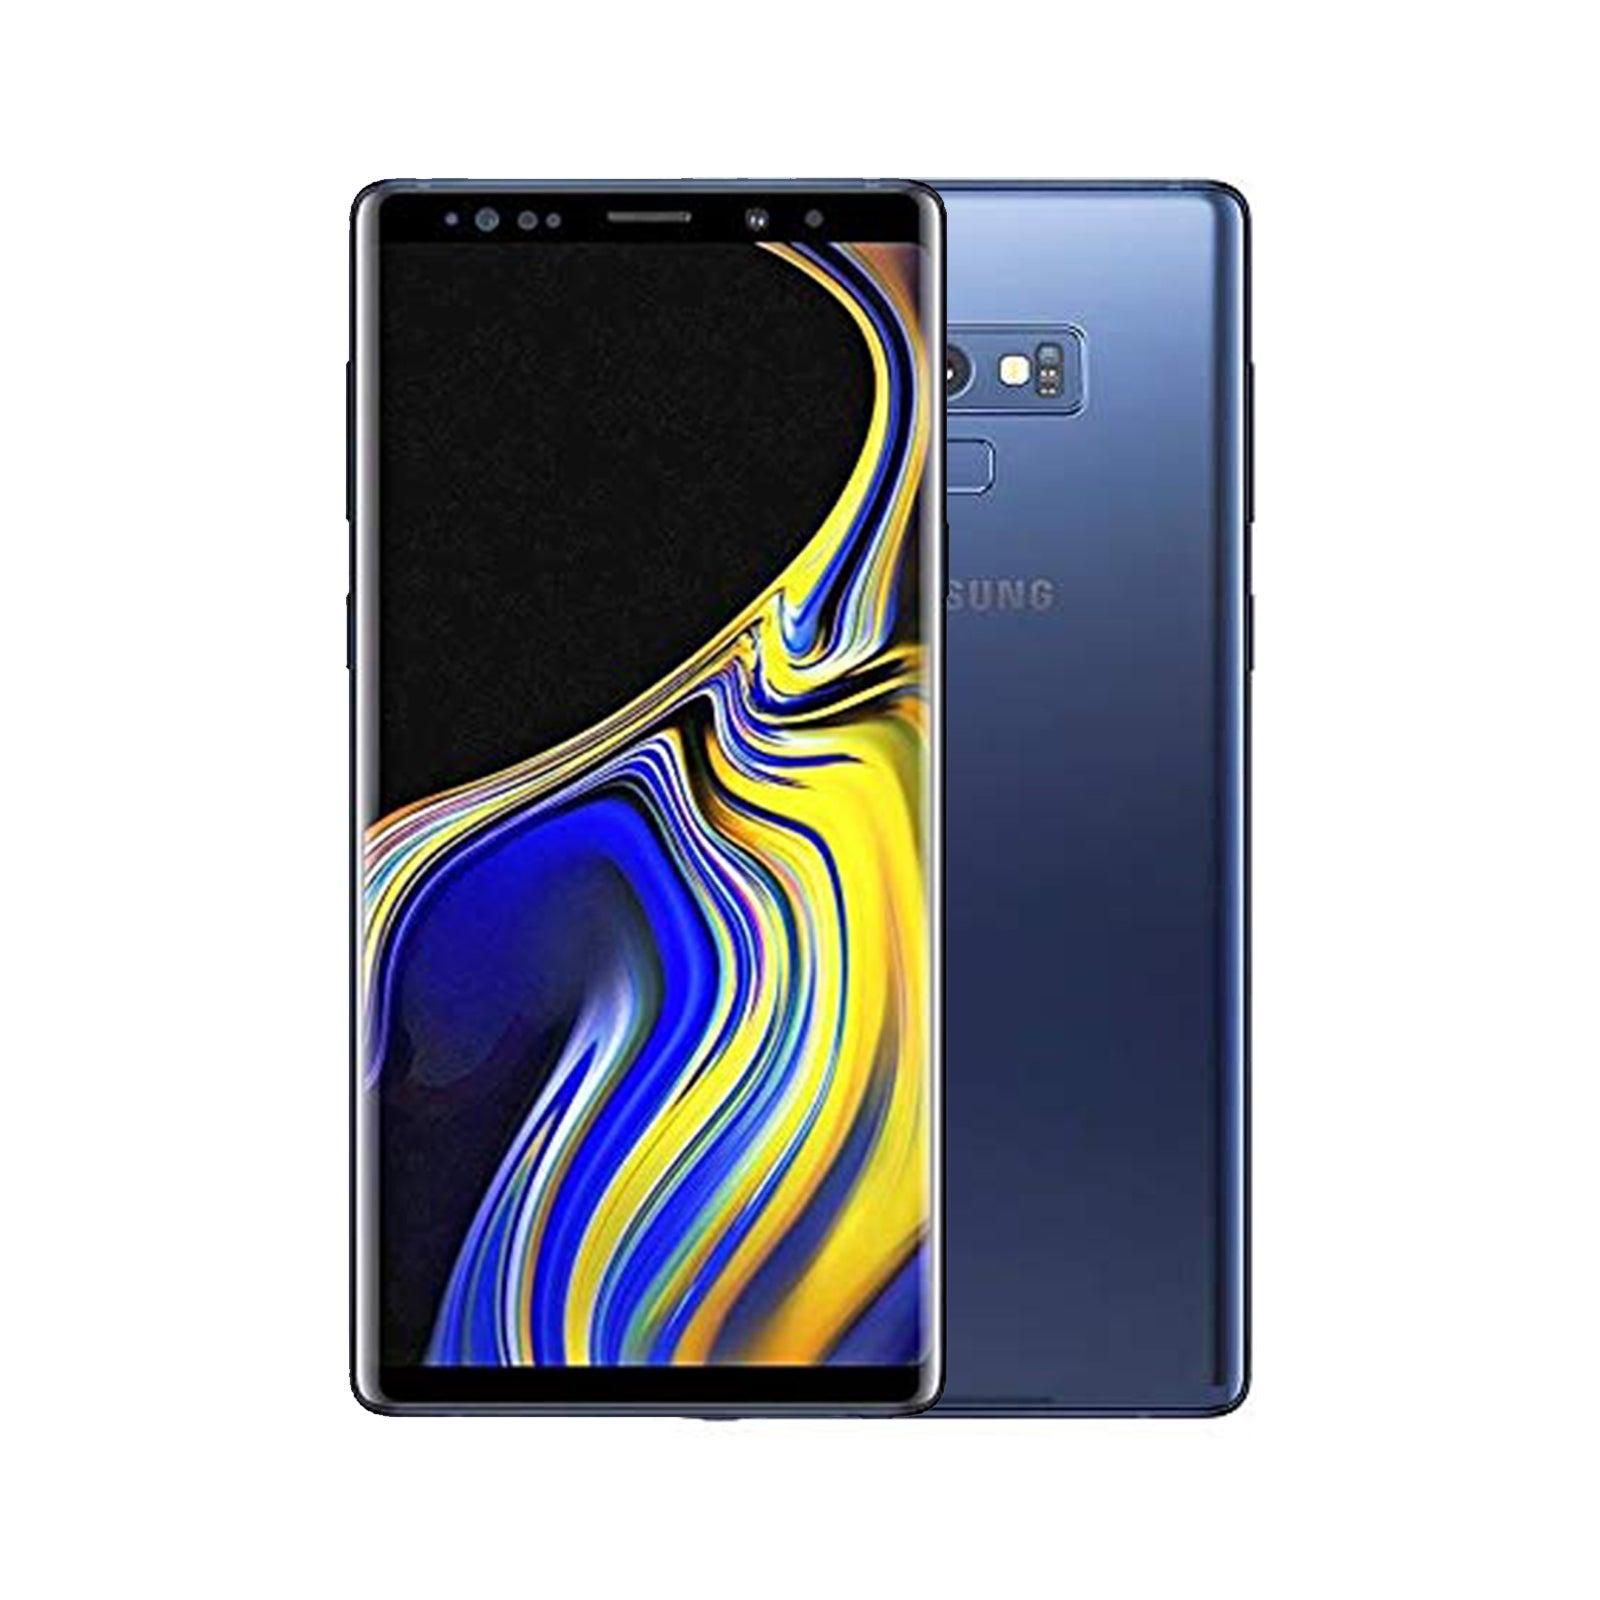 Samsung Galaxy Note 9 512GB Blue - Refurbished (Good)